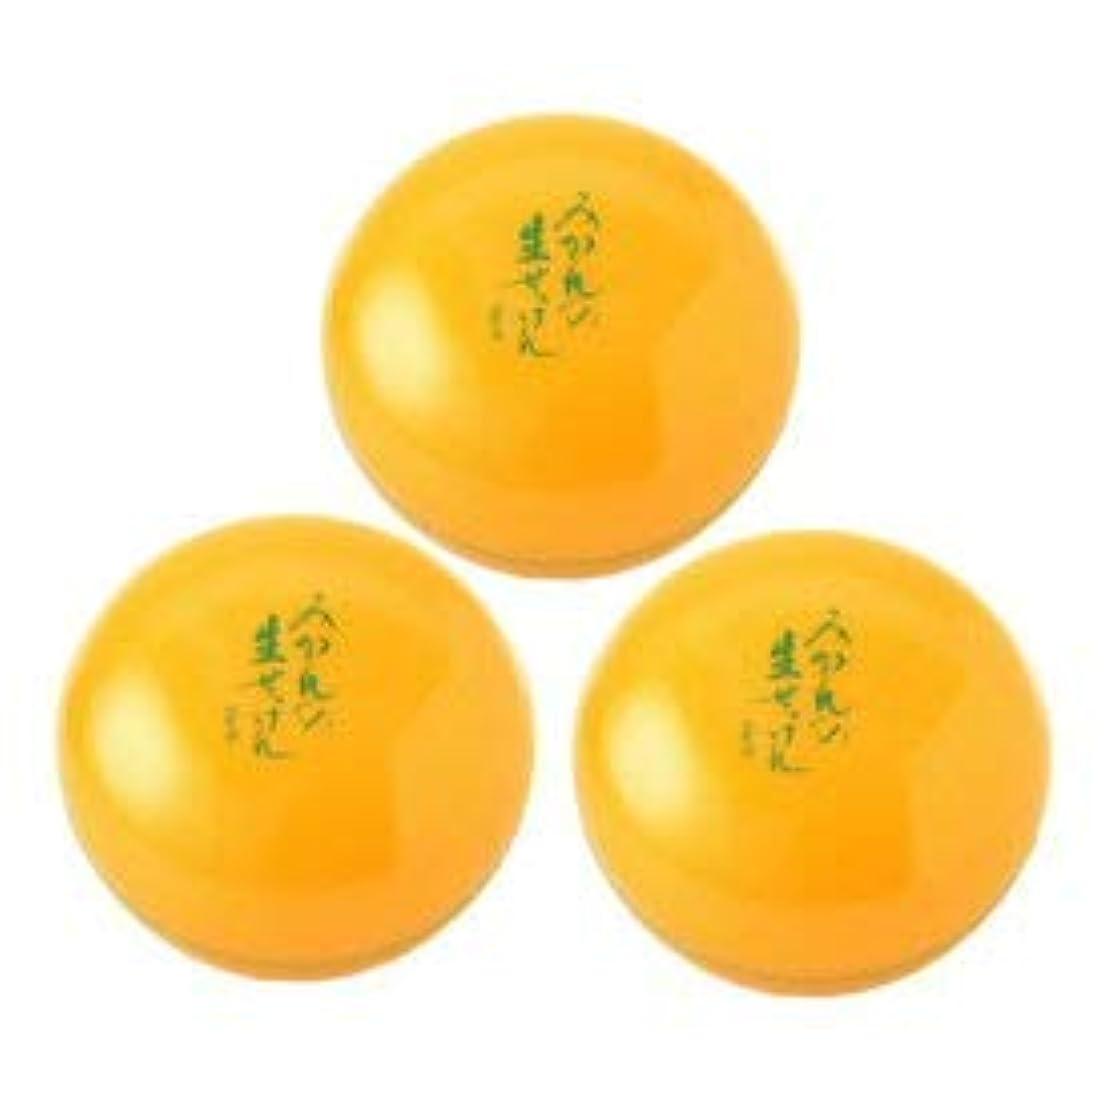 絡み合いエンドテーブルベーシックUYEKI美香柑みかんの生せっけん50g×3個セット